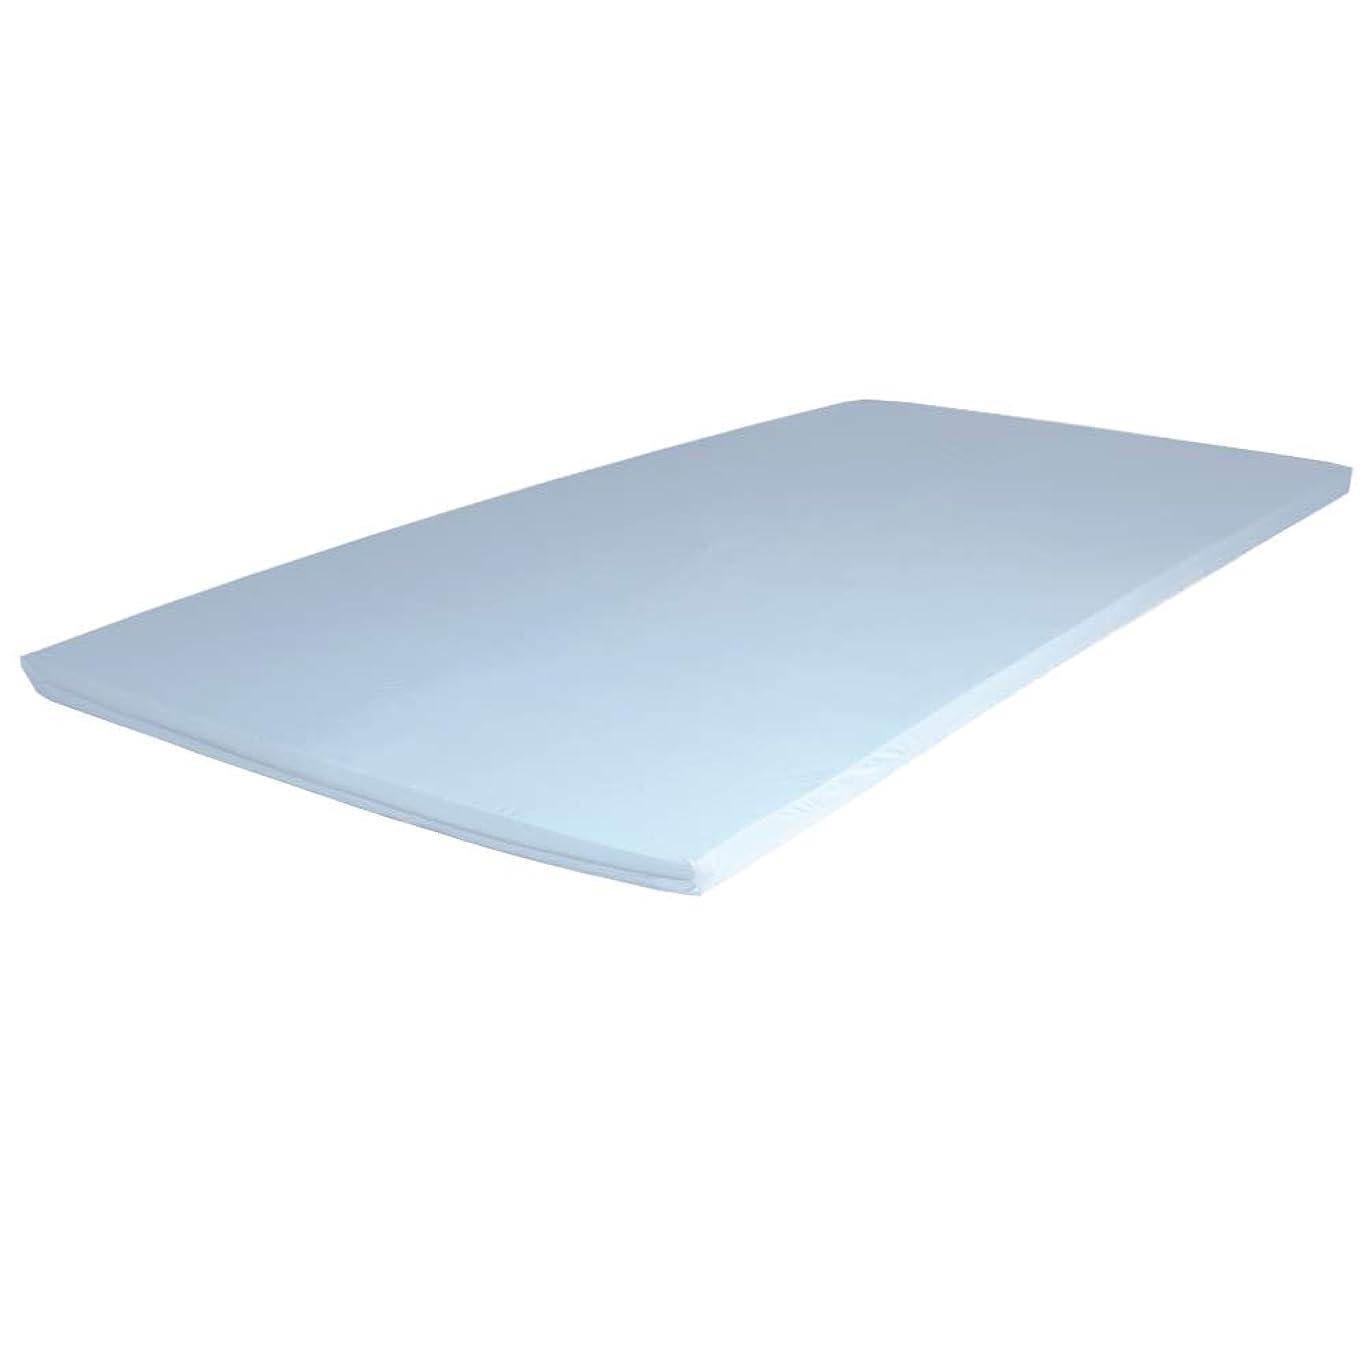 努力氏解凍する、雪解け、霜解けエイプマンパッドPAD5 高反発 ふとん 厚み5cm シングル ライトグレー 90日返品保証ありモデル